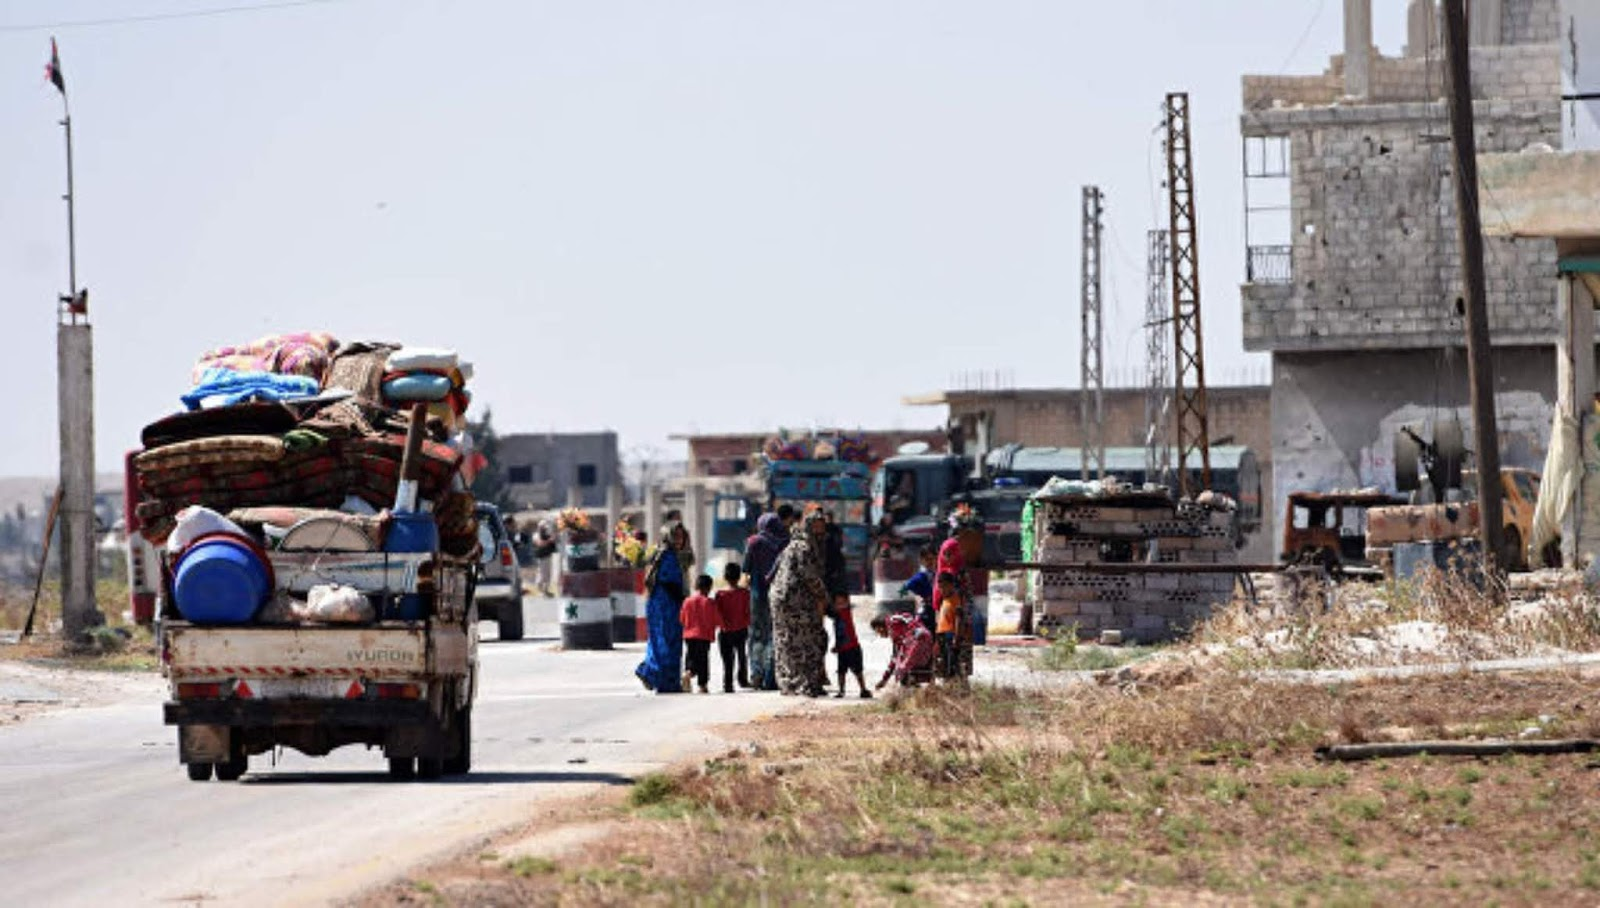 Sekitar 40 ribu mantan militan menerima amnesti dari pemerintah Suriah